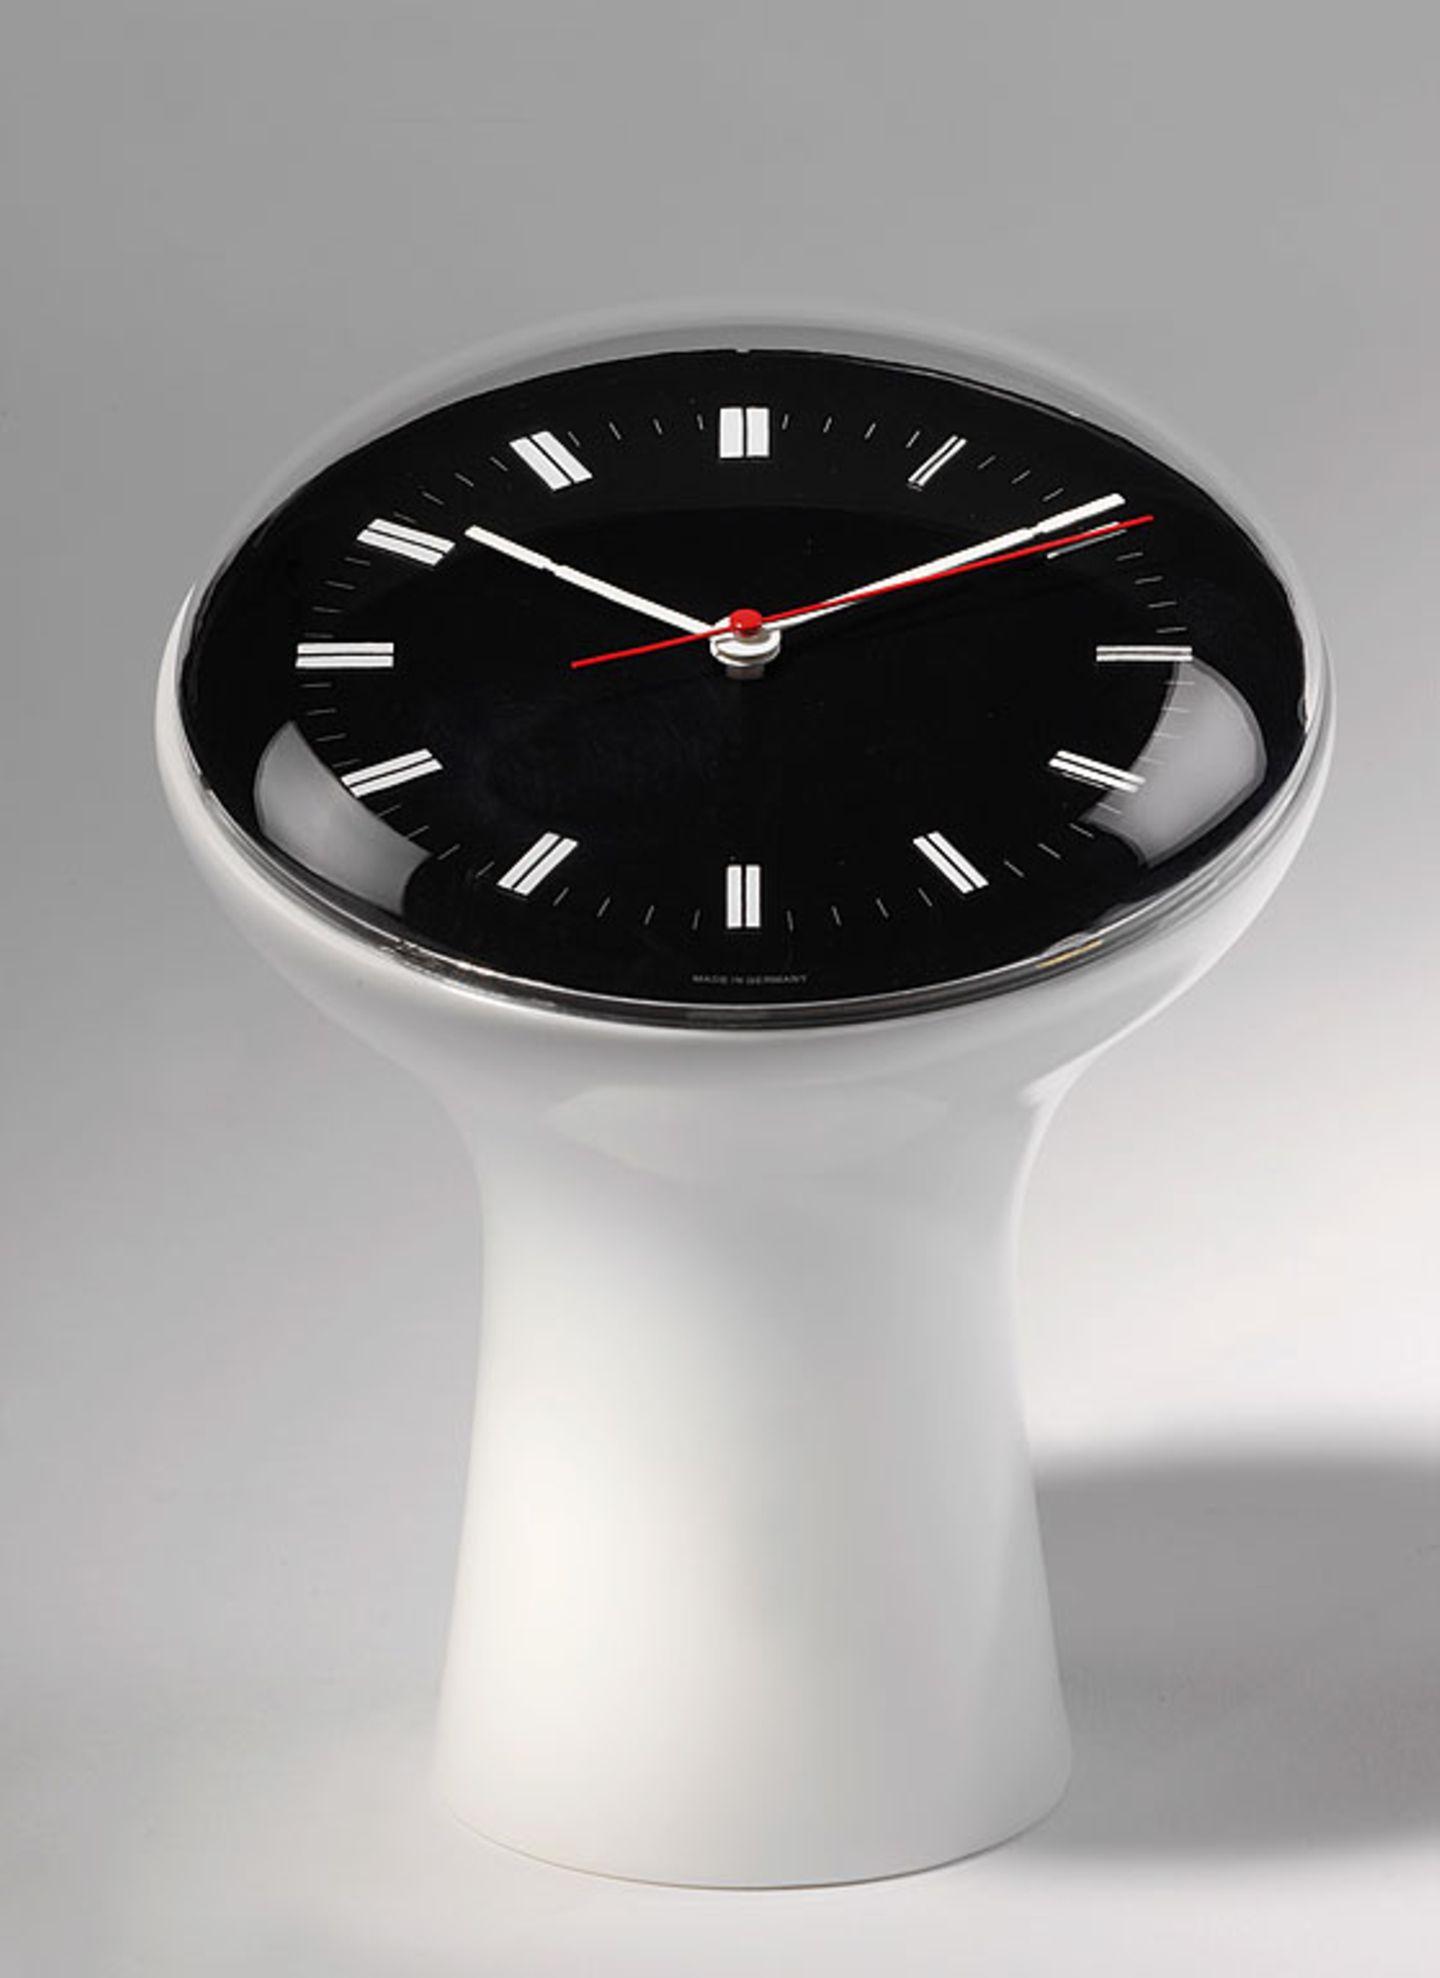 Tischuhr von Klein & More